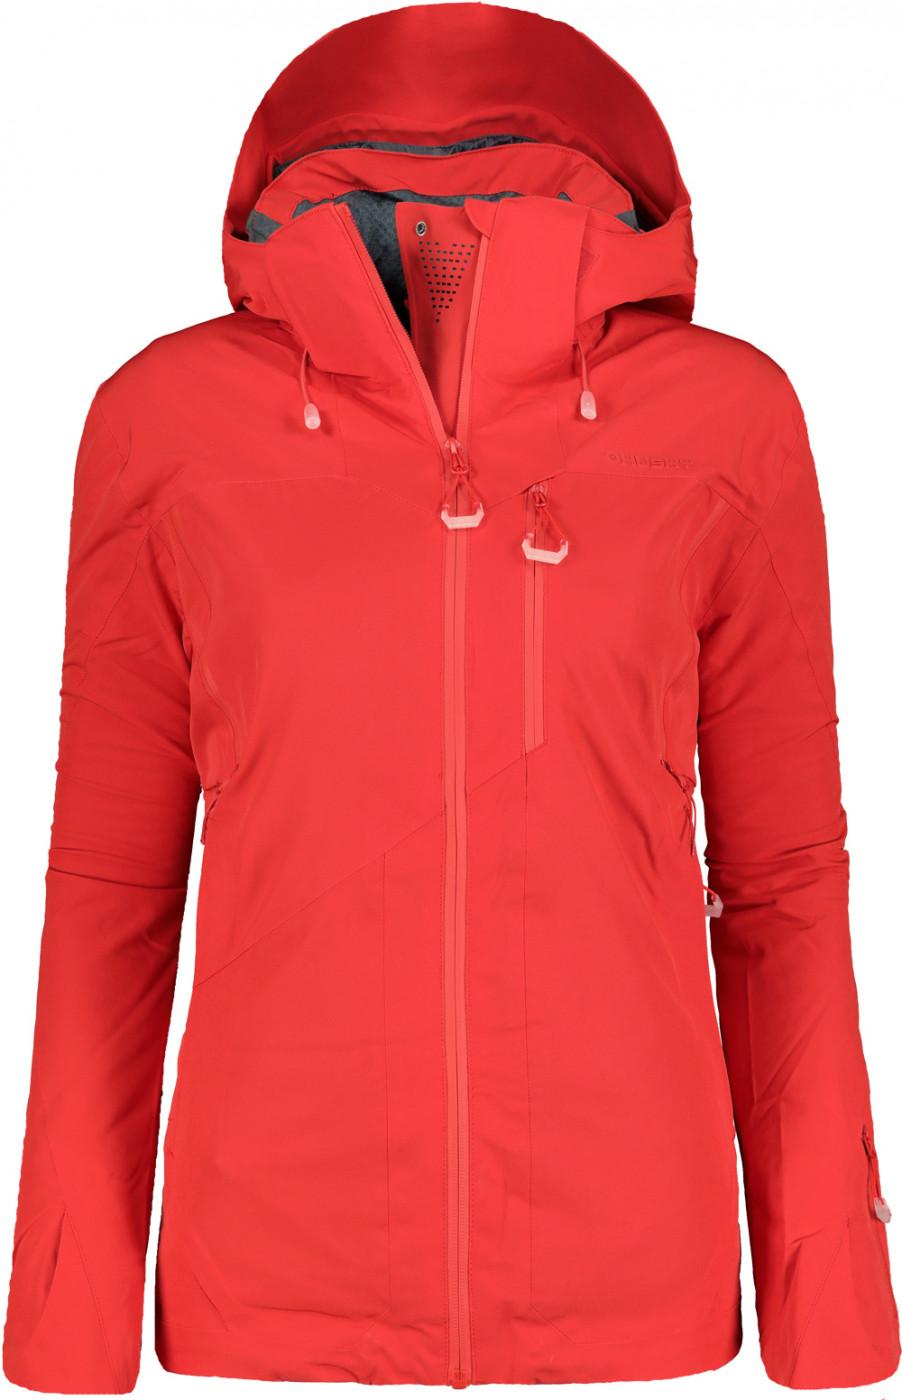 Women's jacket HUSKY MONTRY L